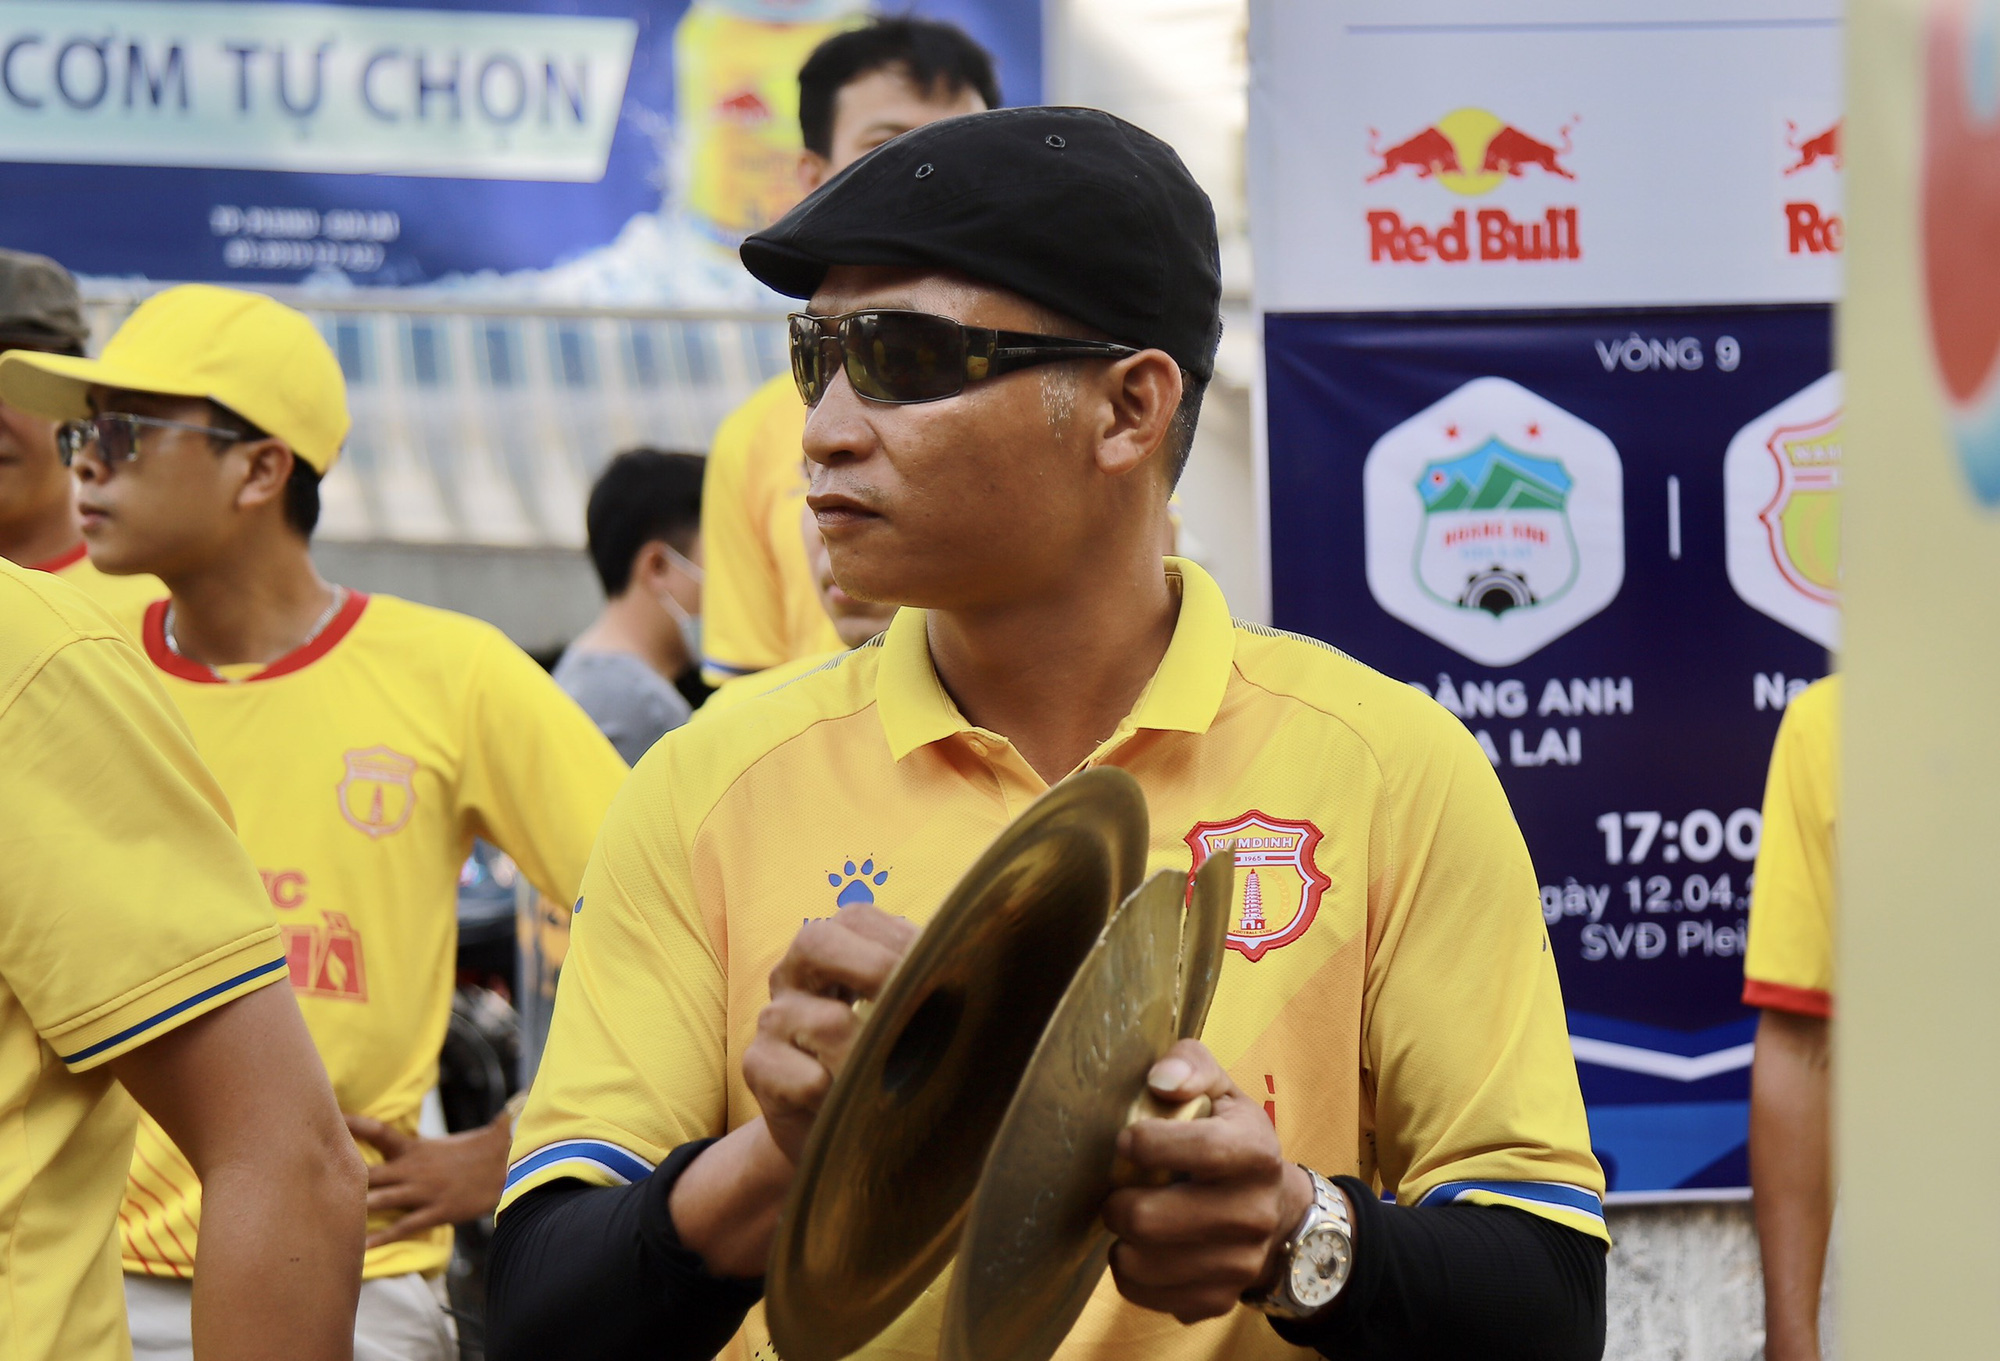 CĐV Nam Định đốt pháo sáng, không cần vé vẫn được vào sân HAGL - Ảnh 4.